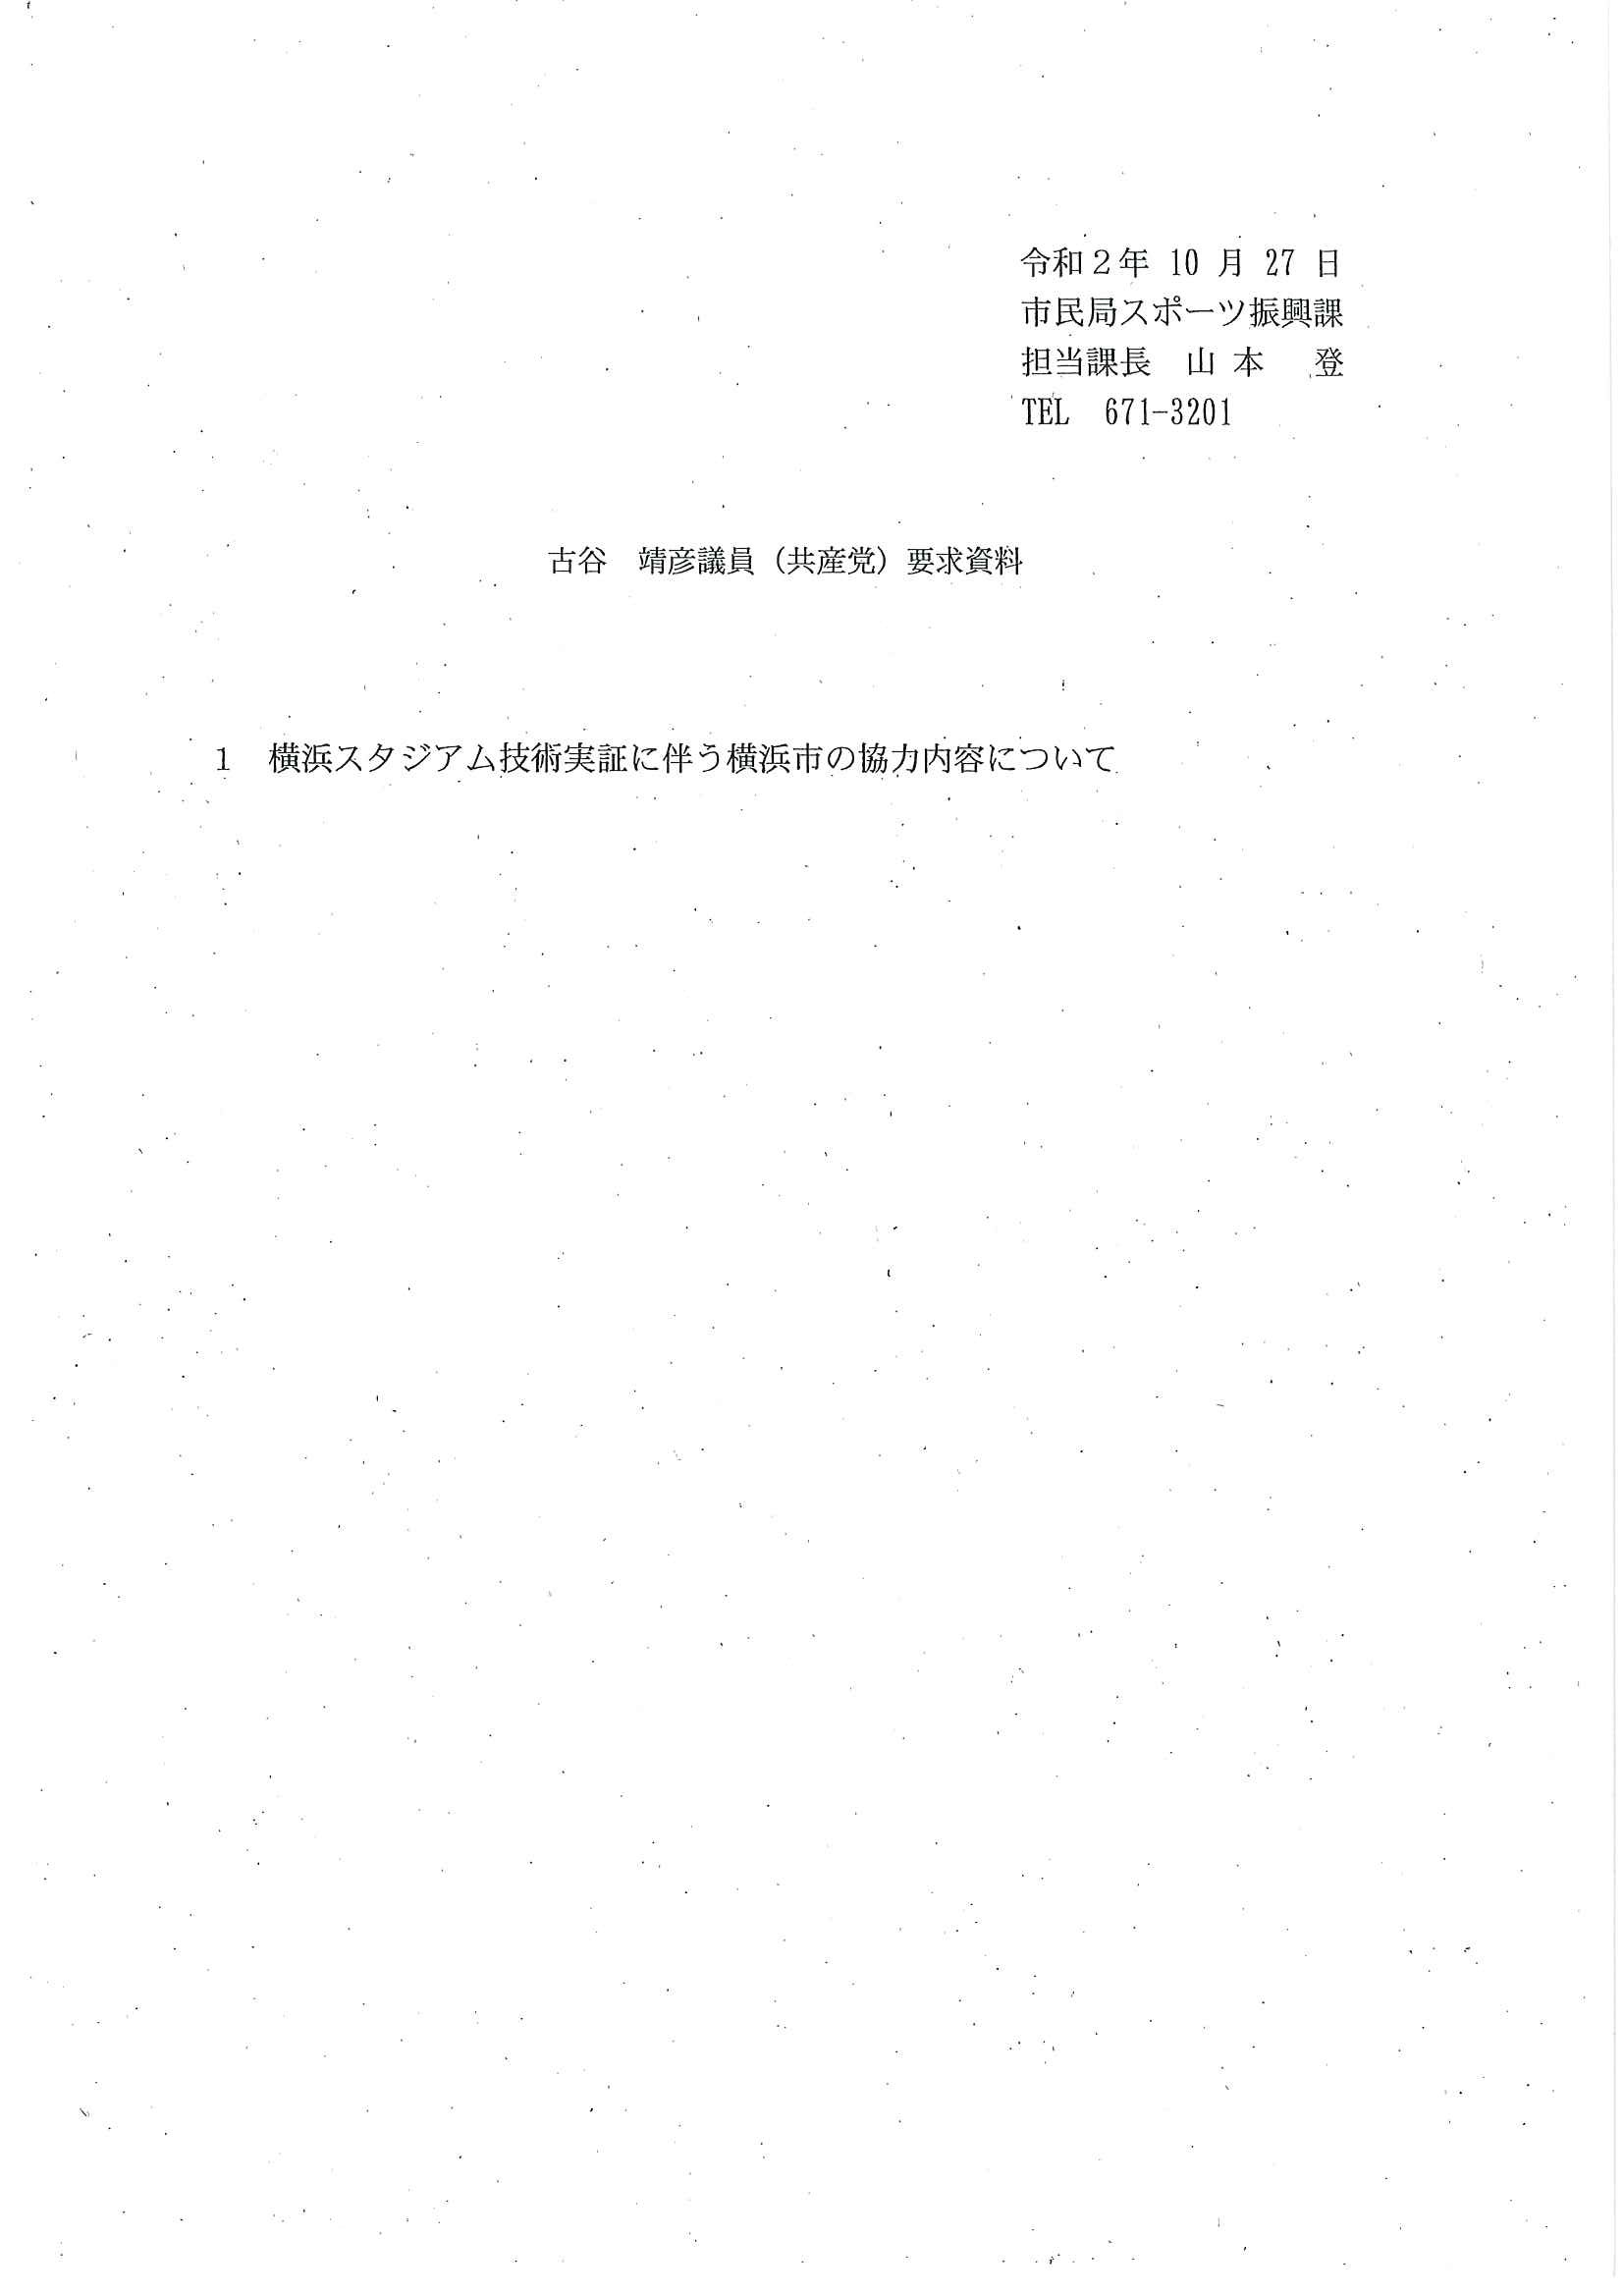 スタジアム 実証 実験 横浜